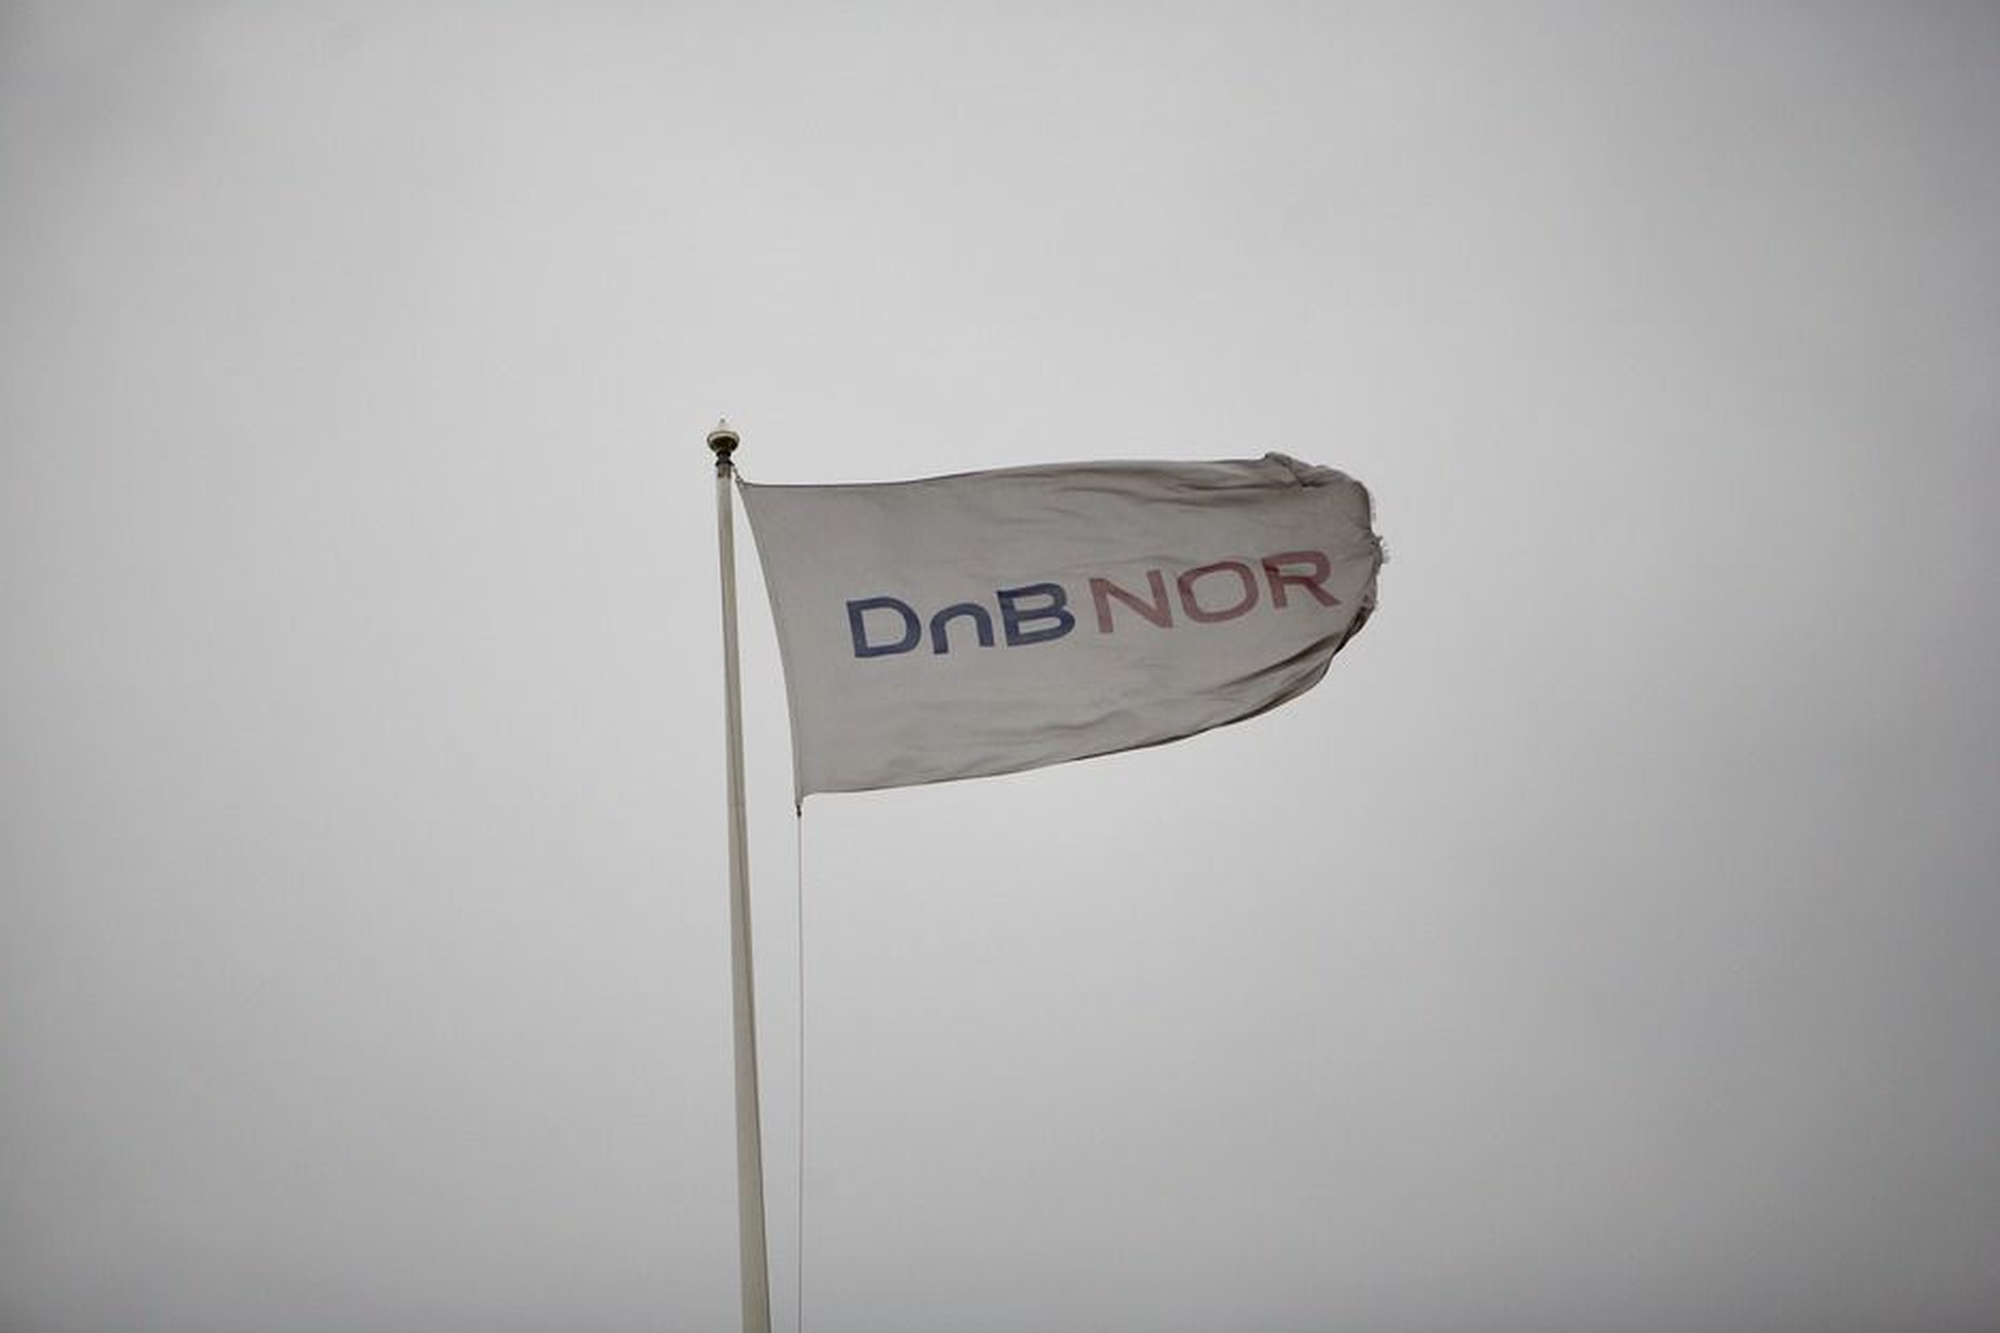 PÅ FARTA: Telenor skal bruke 240 millioner kroner på å gjøre Dnb Nor-ansatte mer mobile.